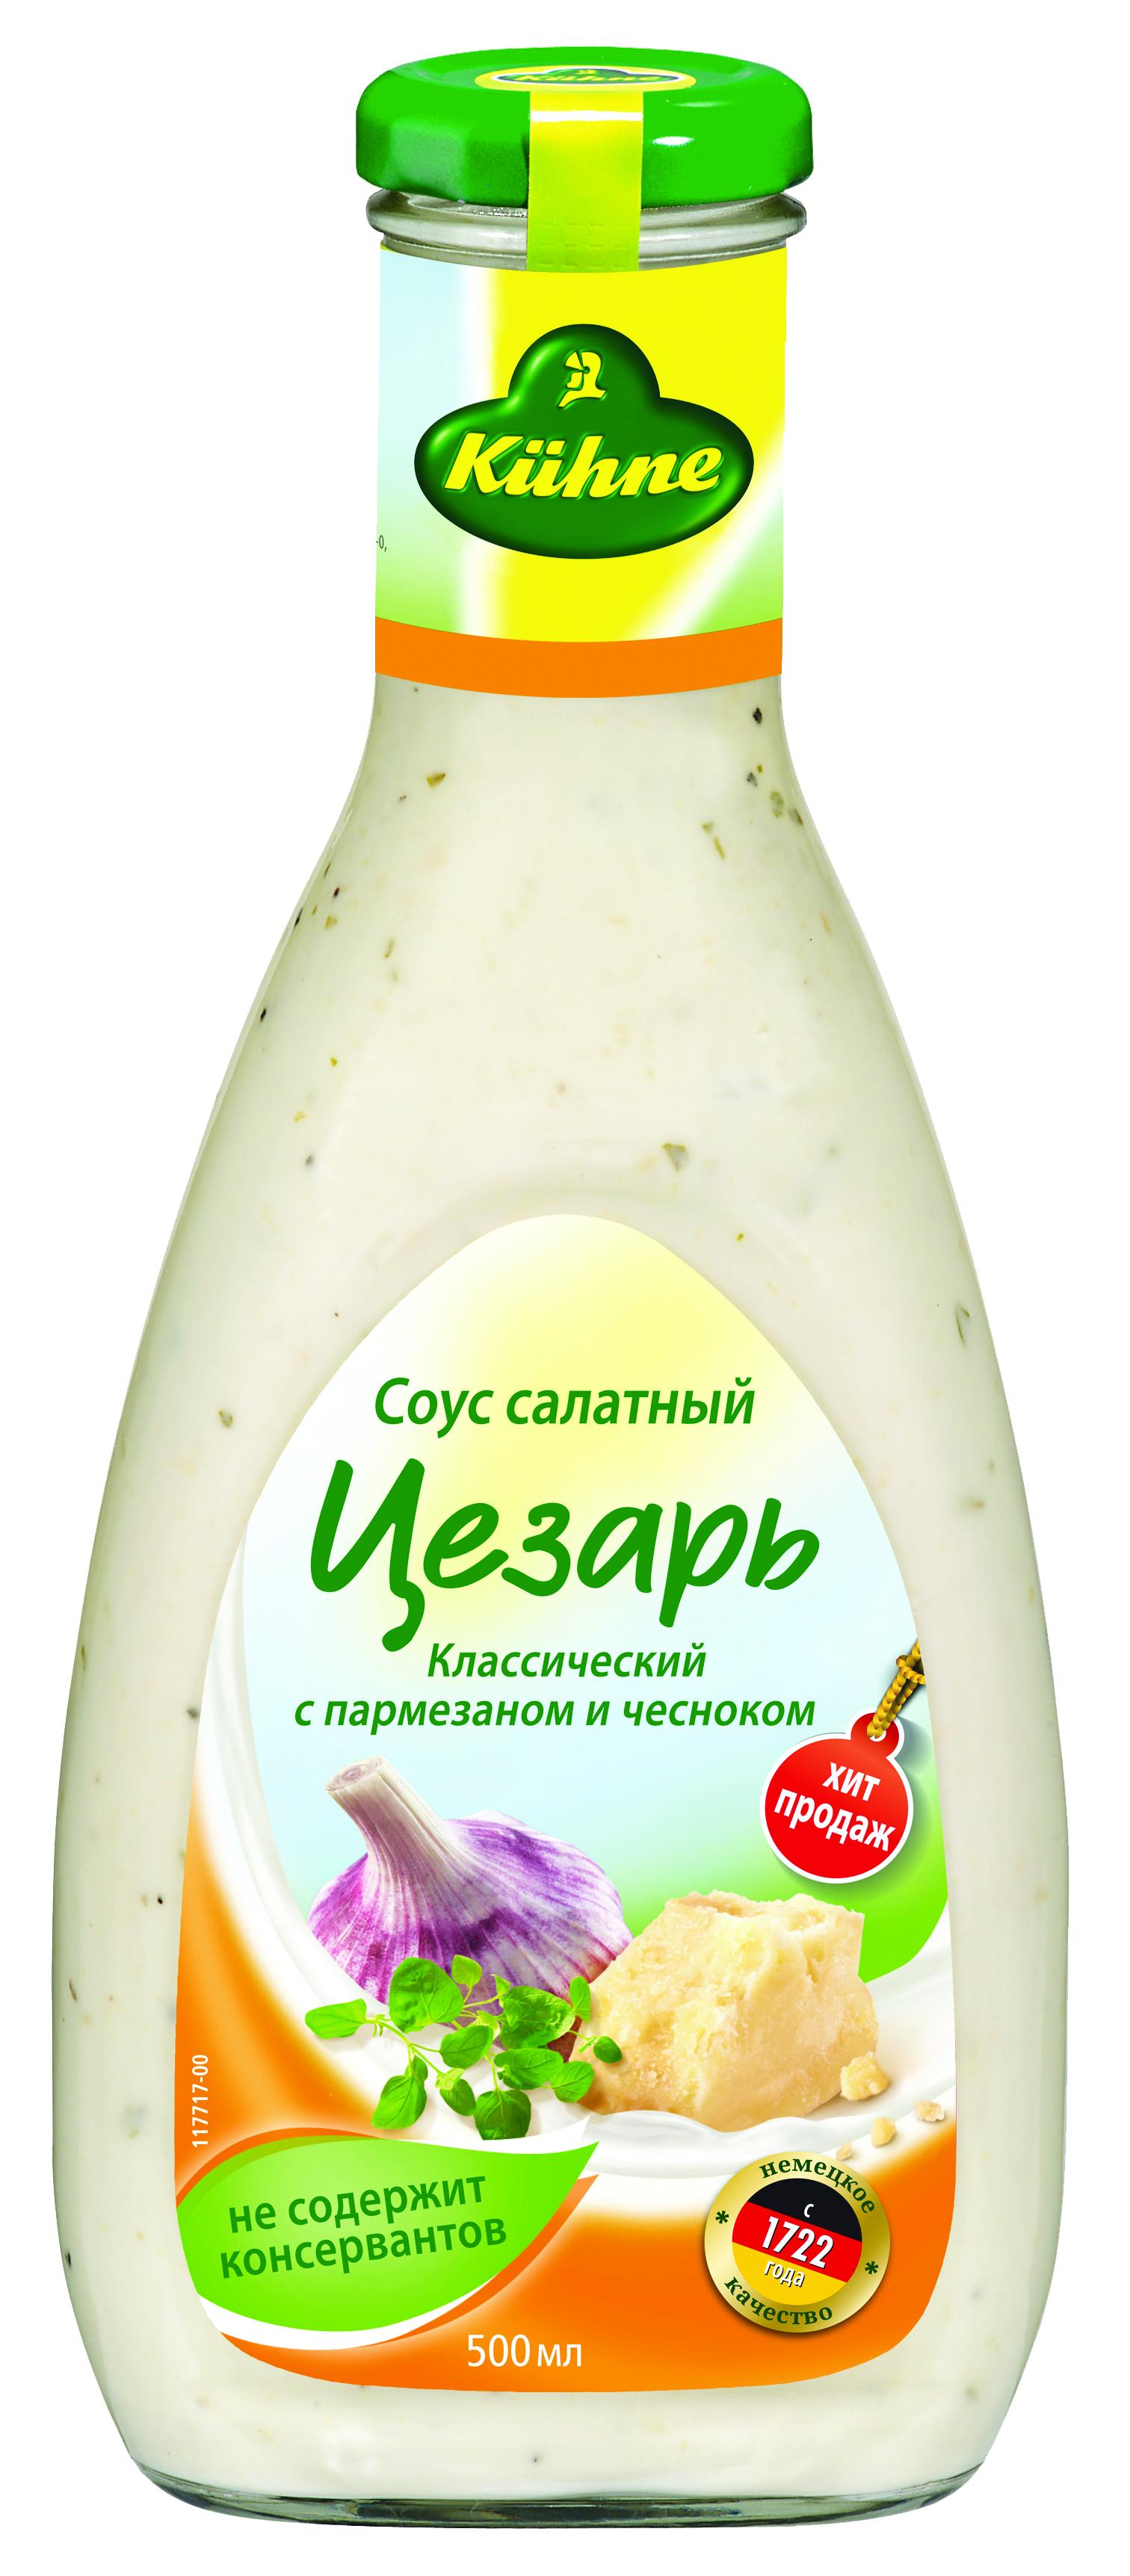 Кюне Соус салатный Цезарь Kuhne 0.5 л. кюне огурцы маринованные сладкие медово пряные kuhne